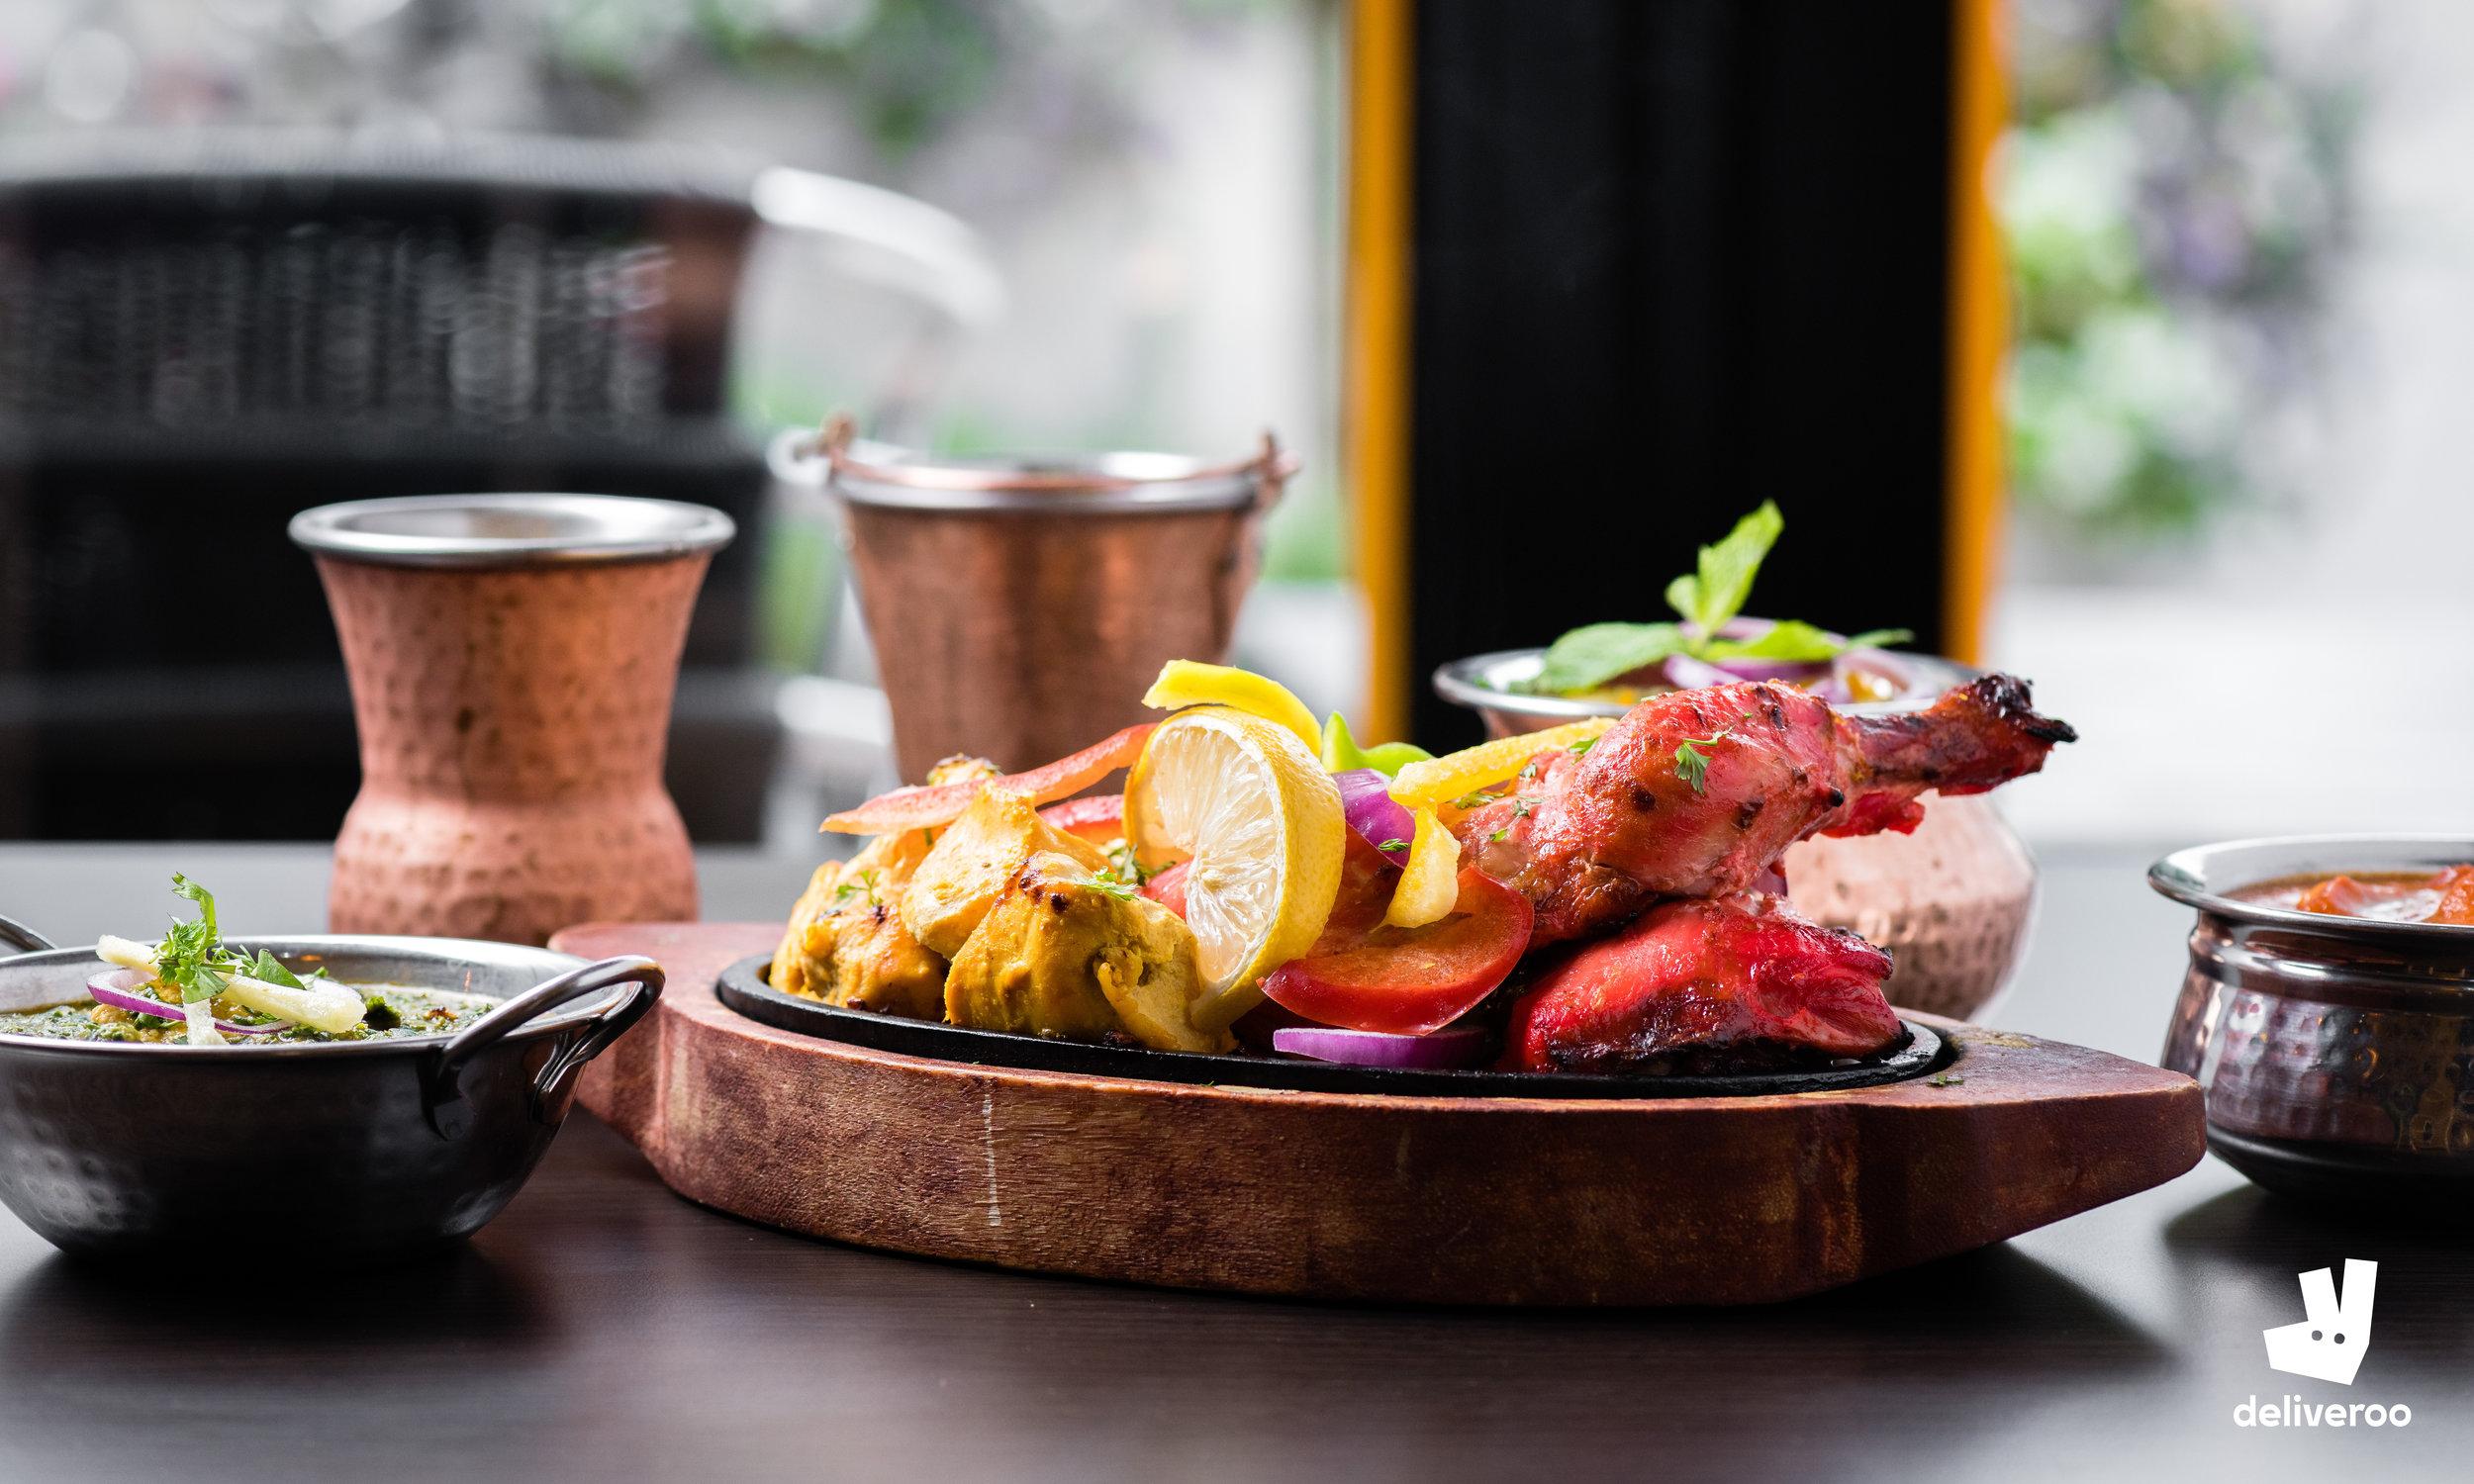 Deliveroo_Hasselt_TasteOfIndia-4.jpg